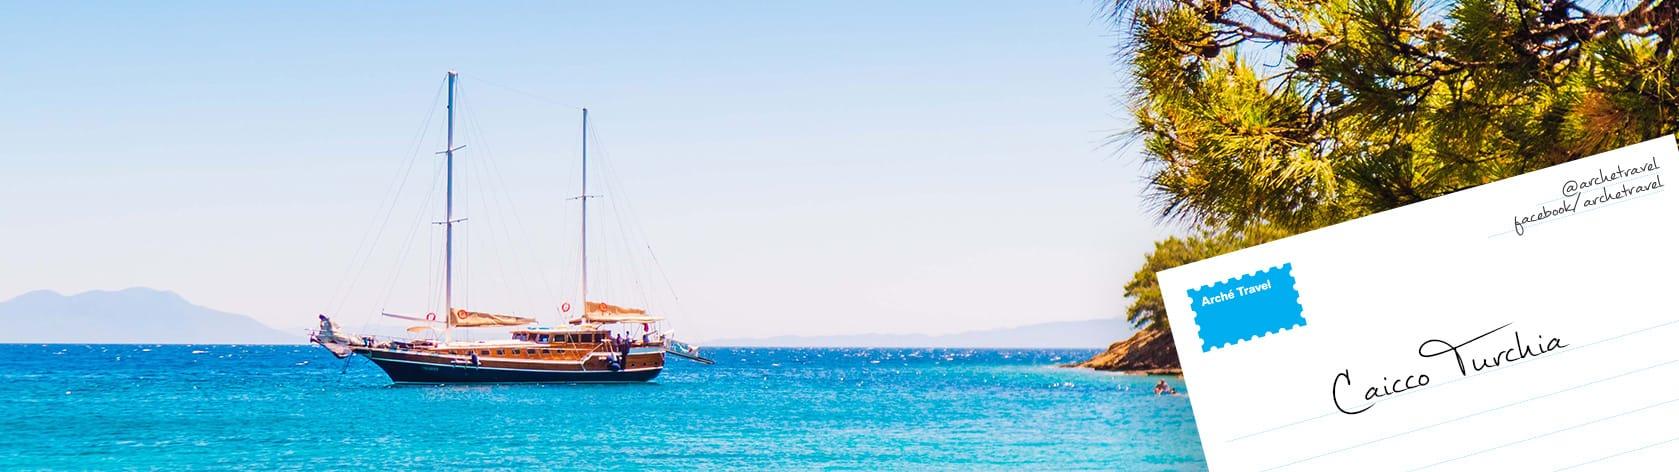 Vacanza Caicco Turchia - Crociera Caicco in Turchia Arché Travel - Tour Operator Turchia Caicco